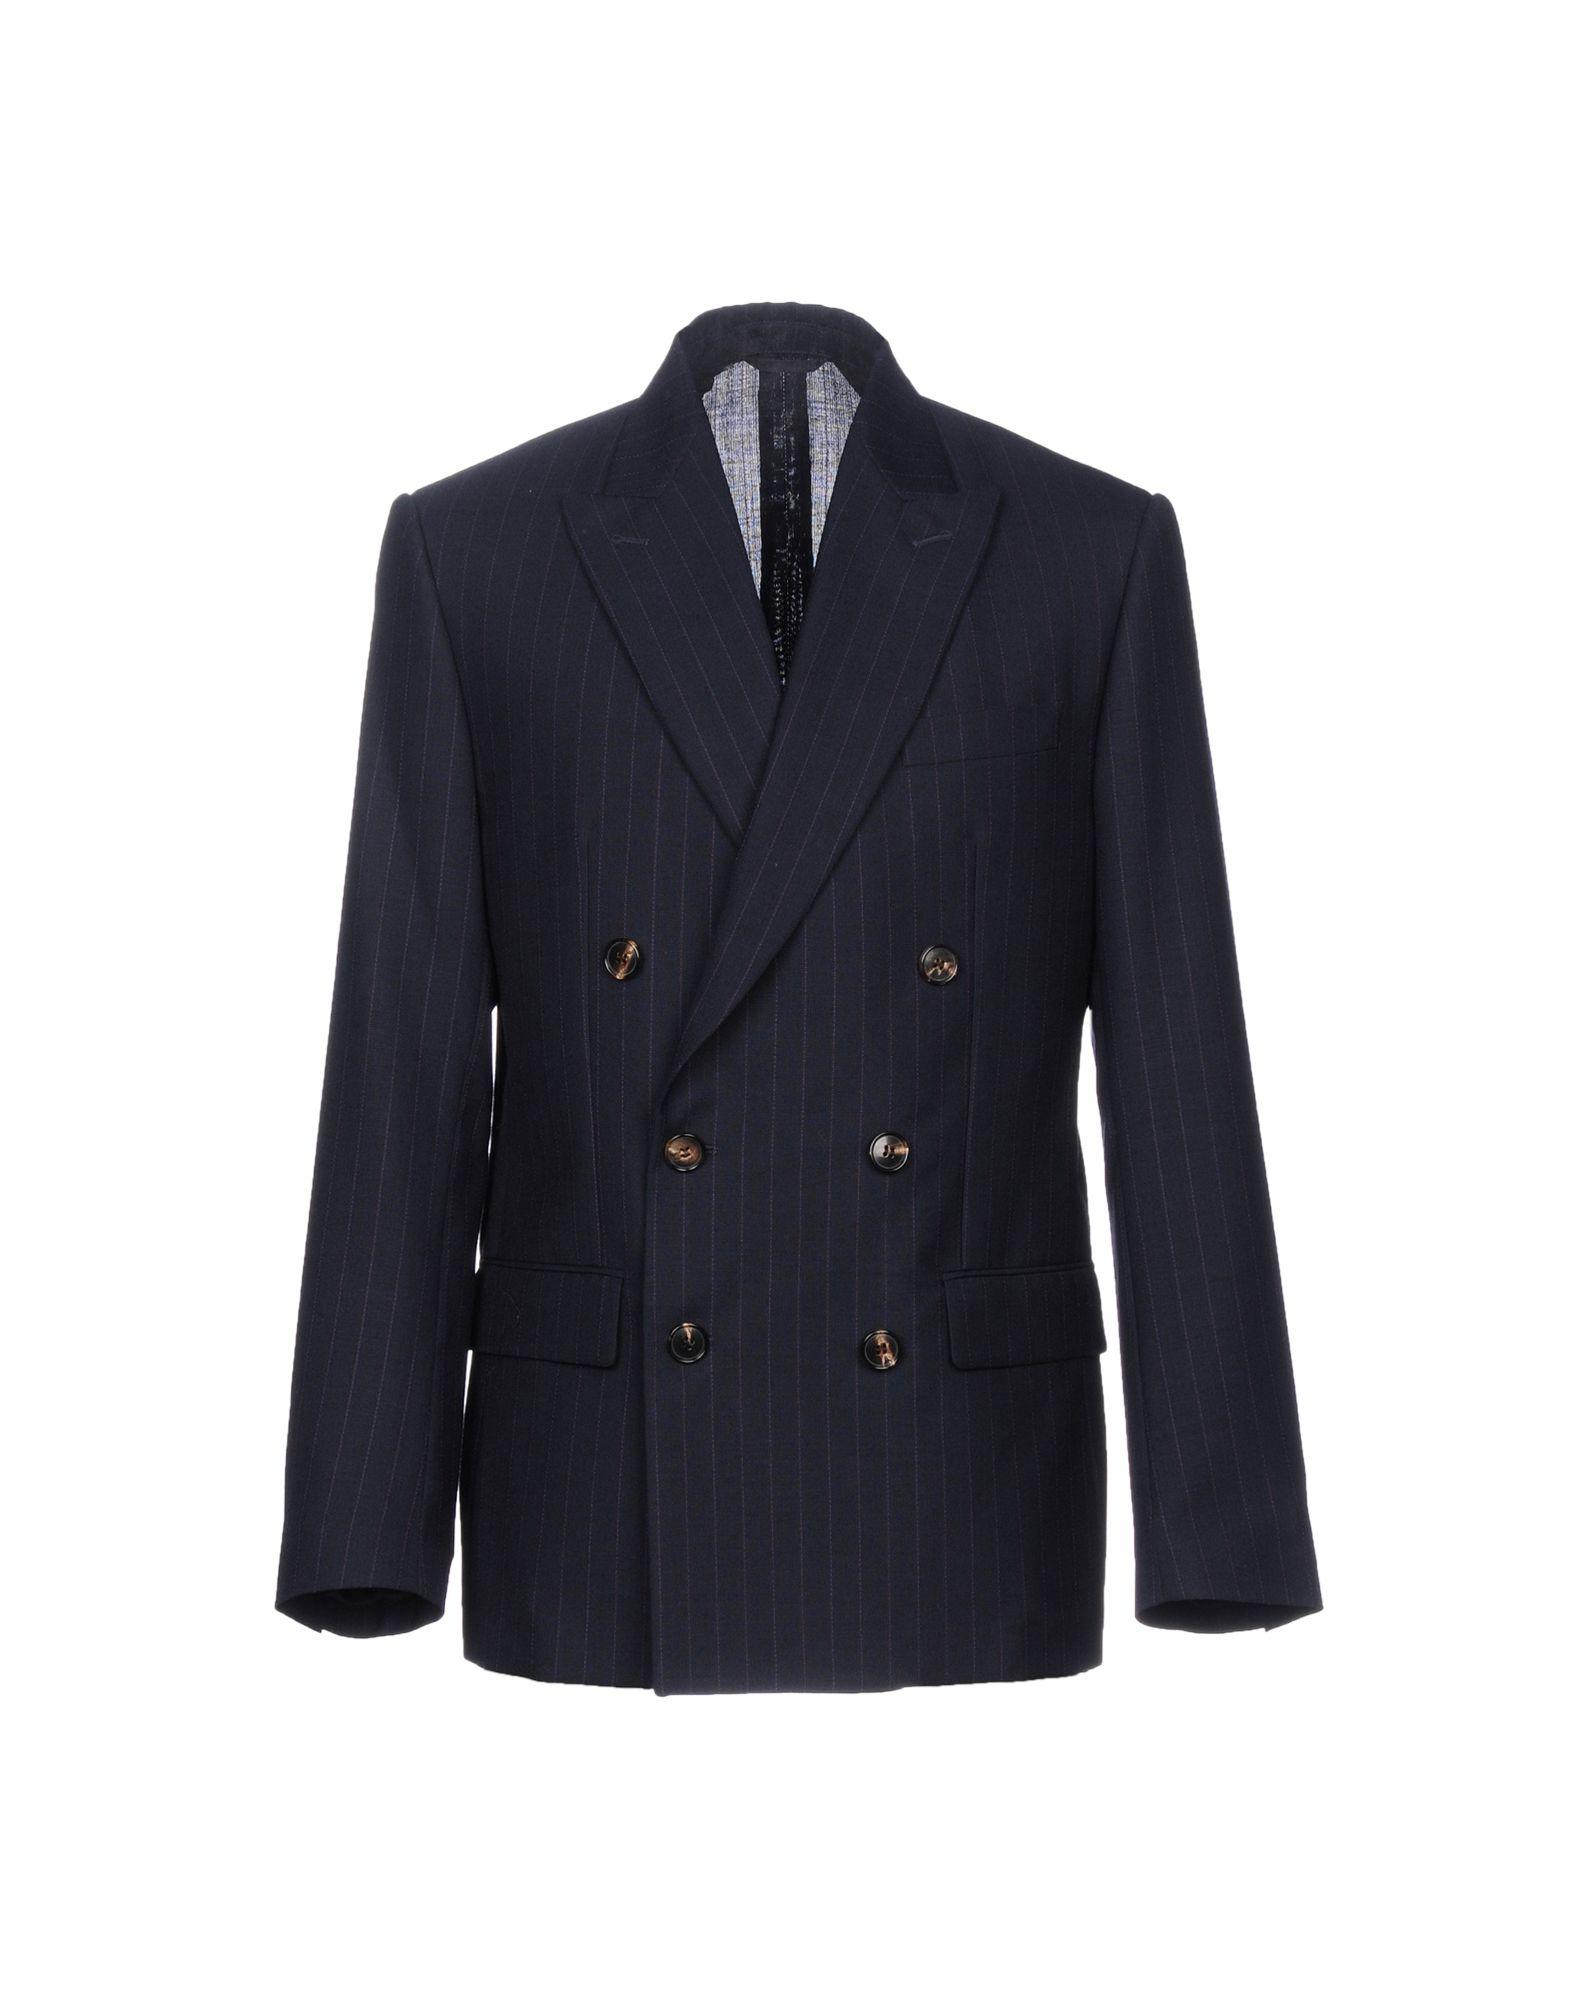 UMIT BENAN Blazer in Dark Blue